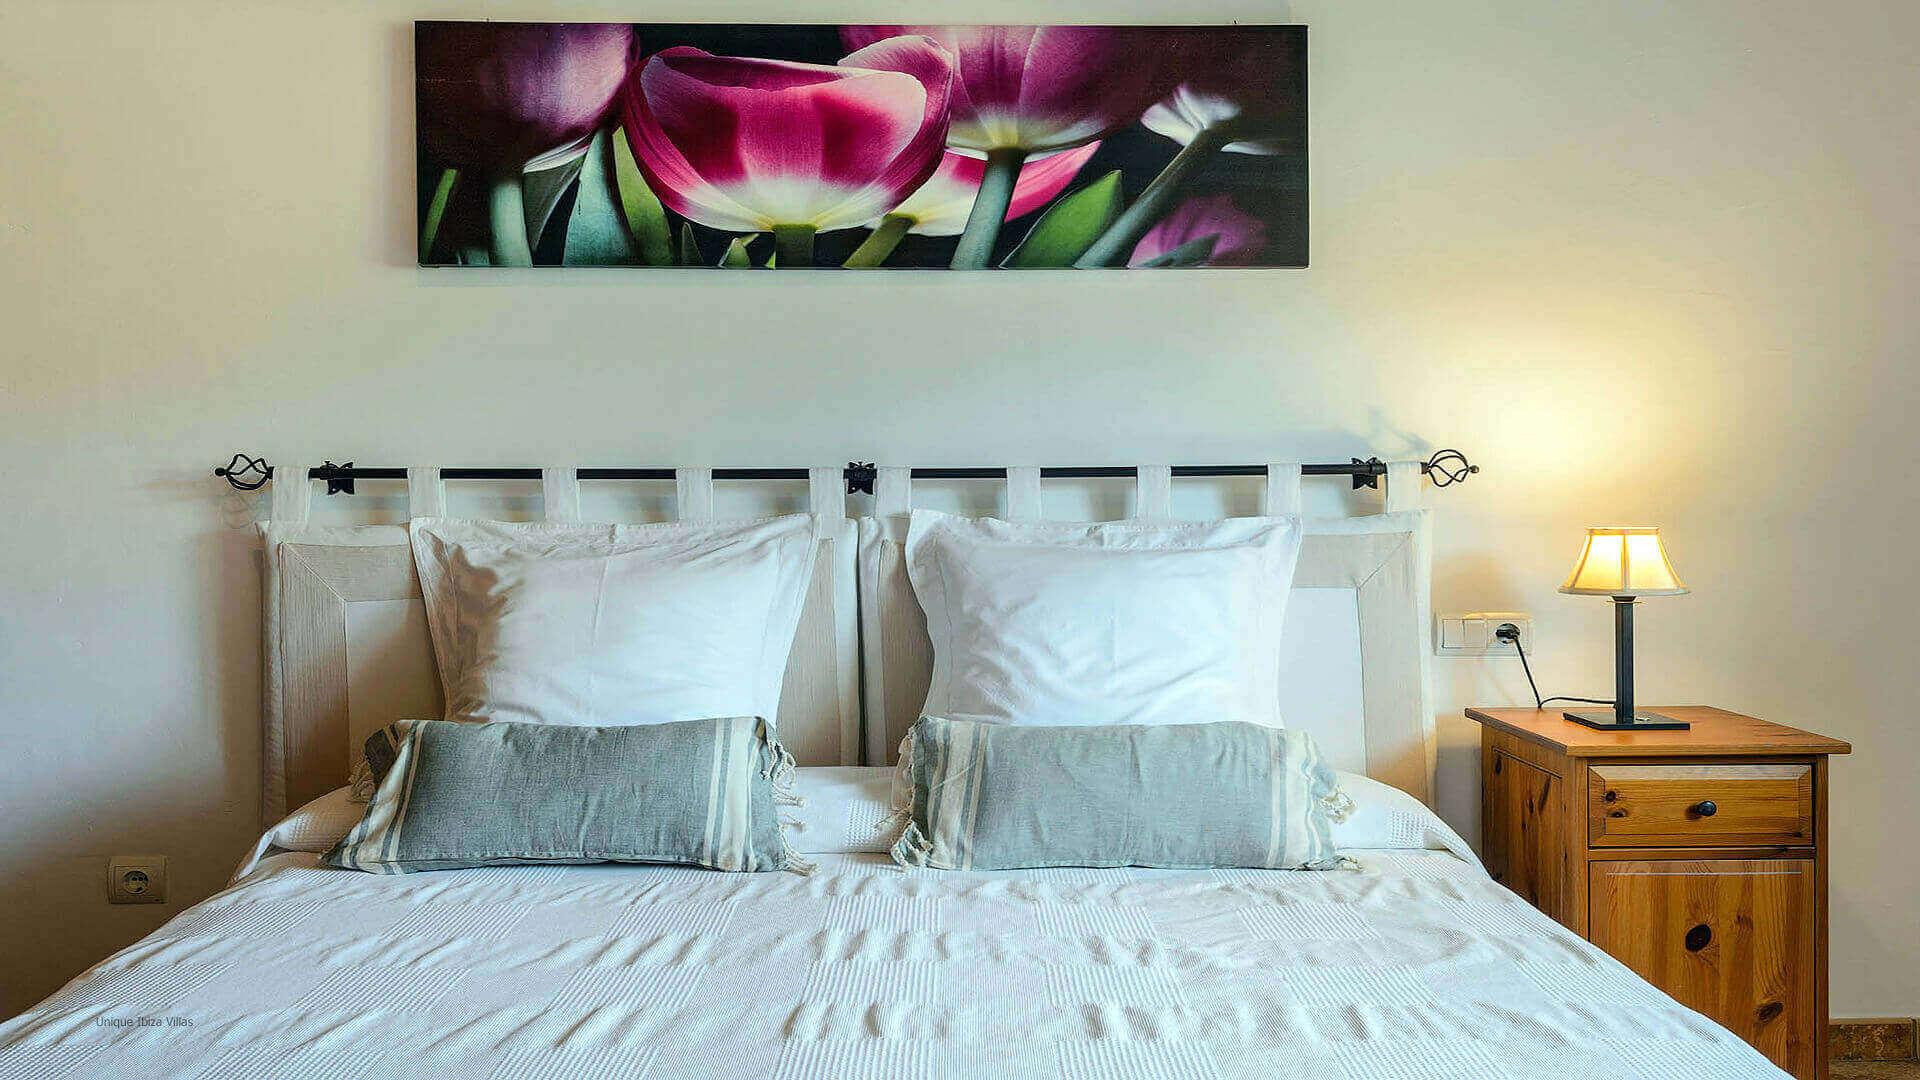 Curreu III Ibiza 32 Bedroom 1